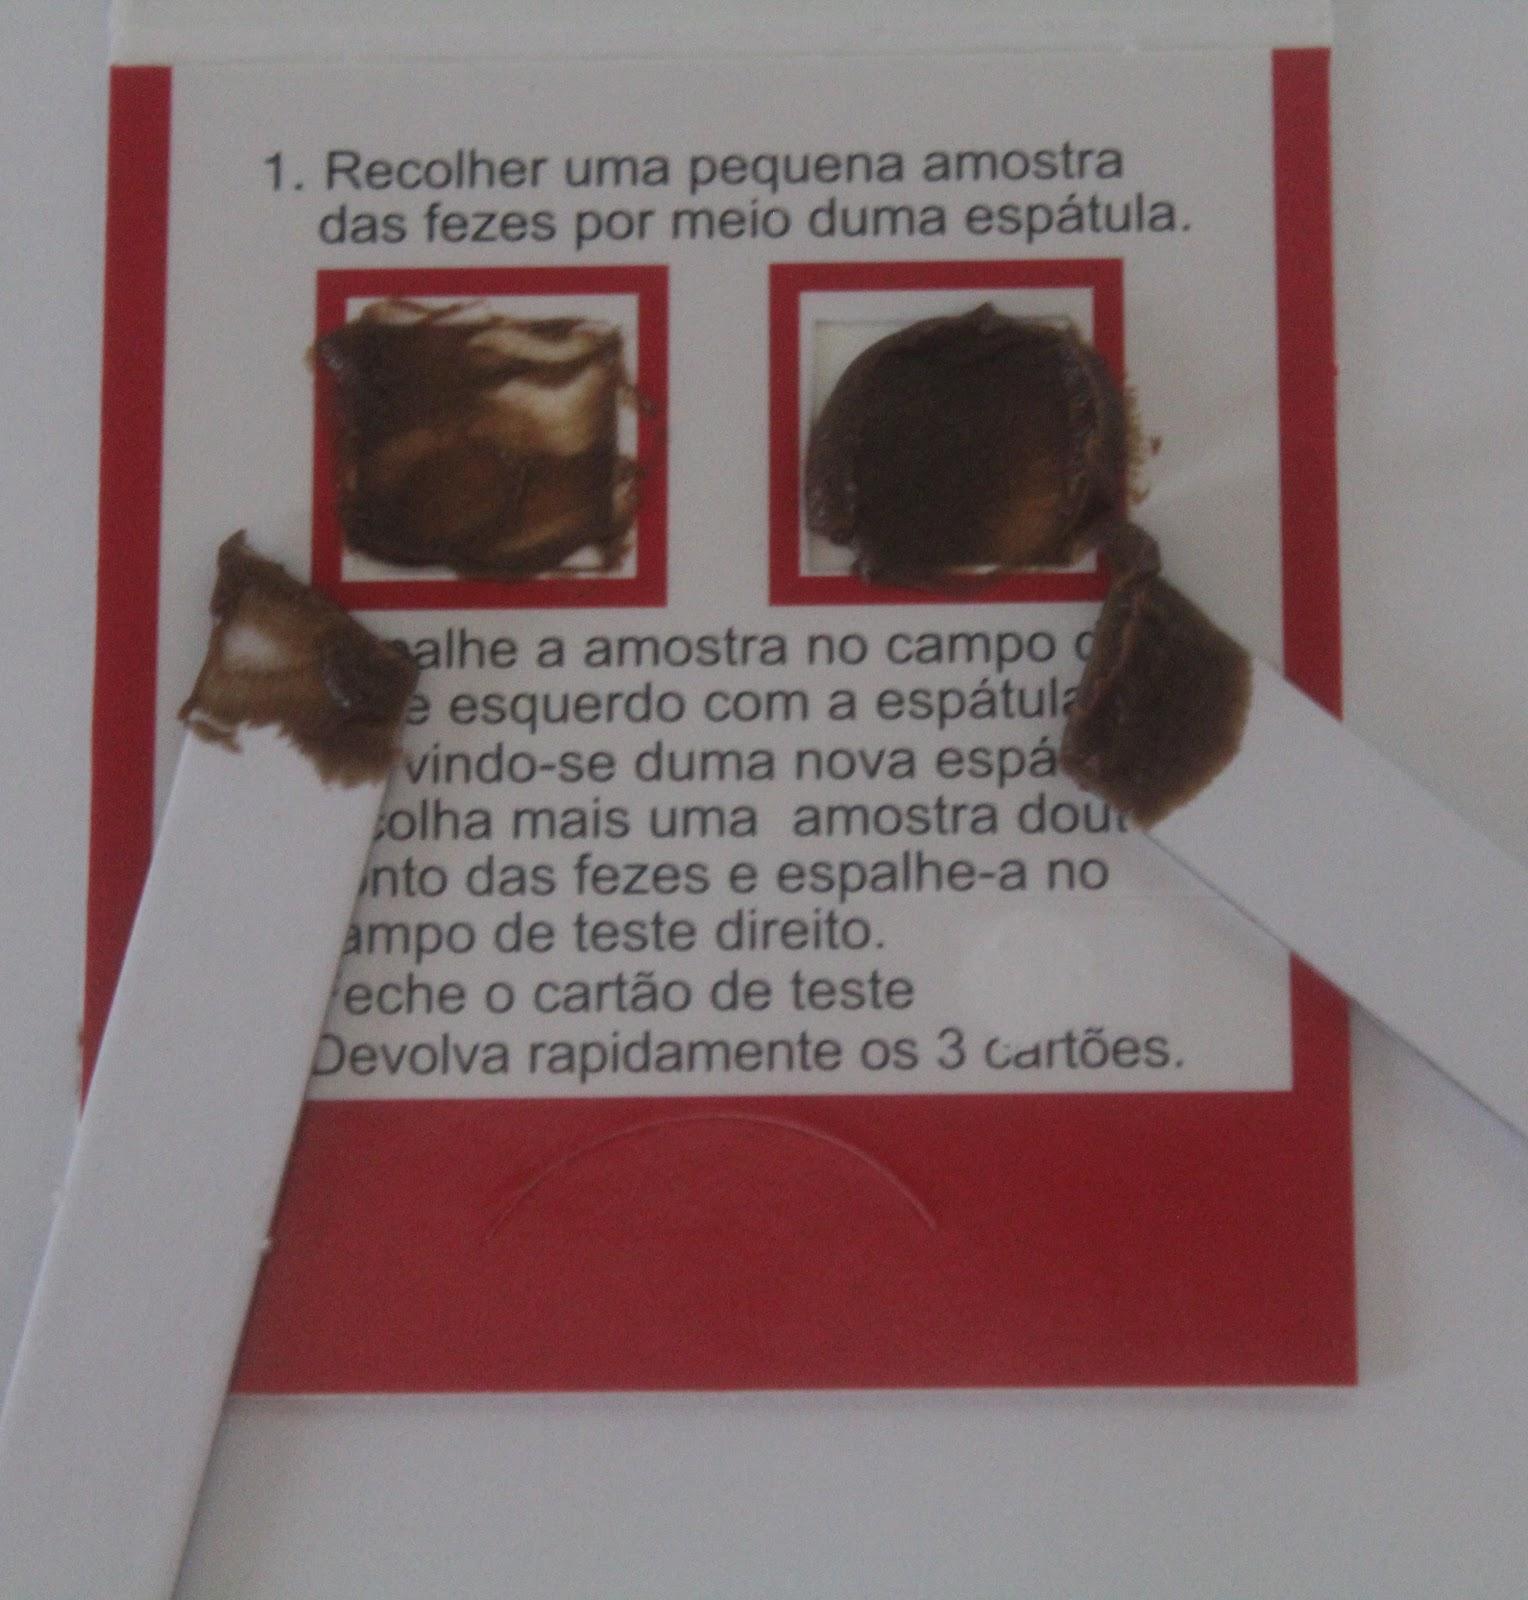 Dieta para fazer exame de sangue oculto nas fezes